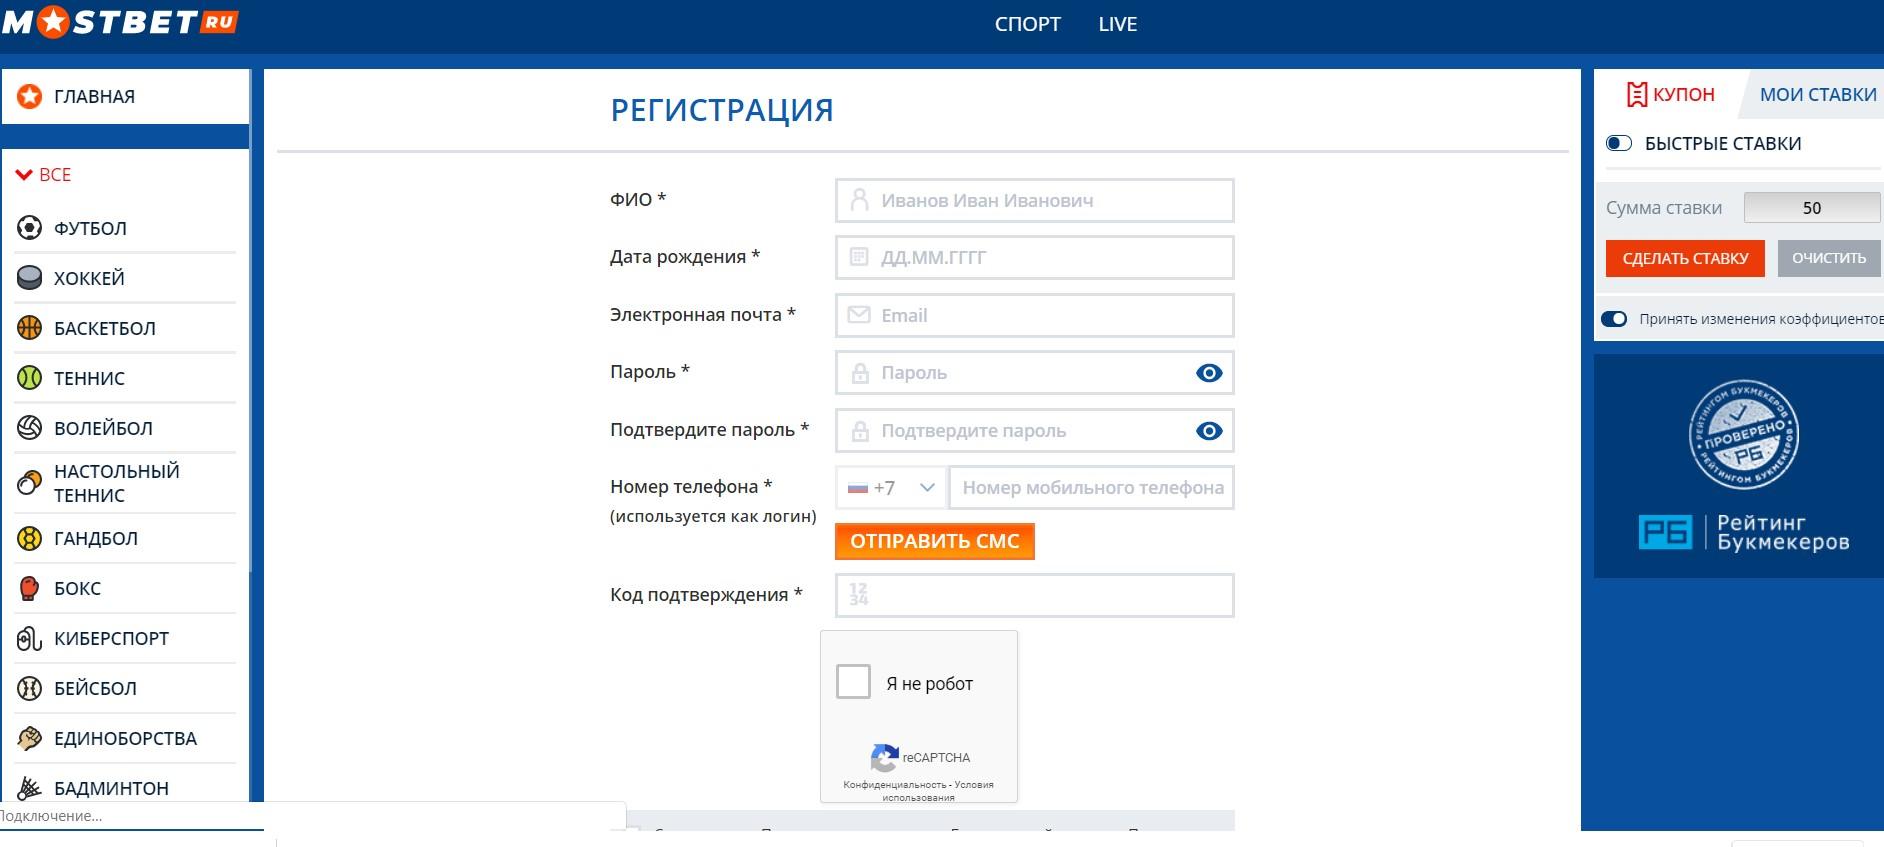 регистрация в Мостбет